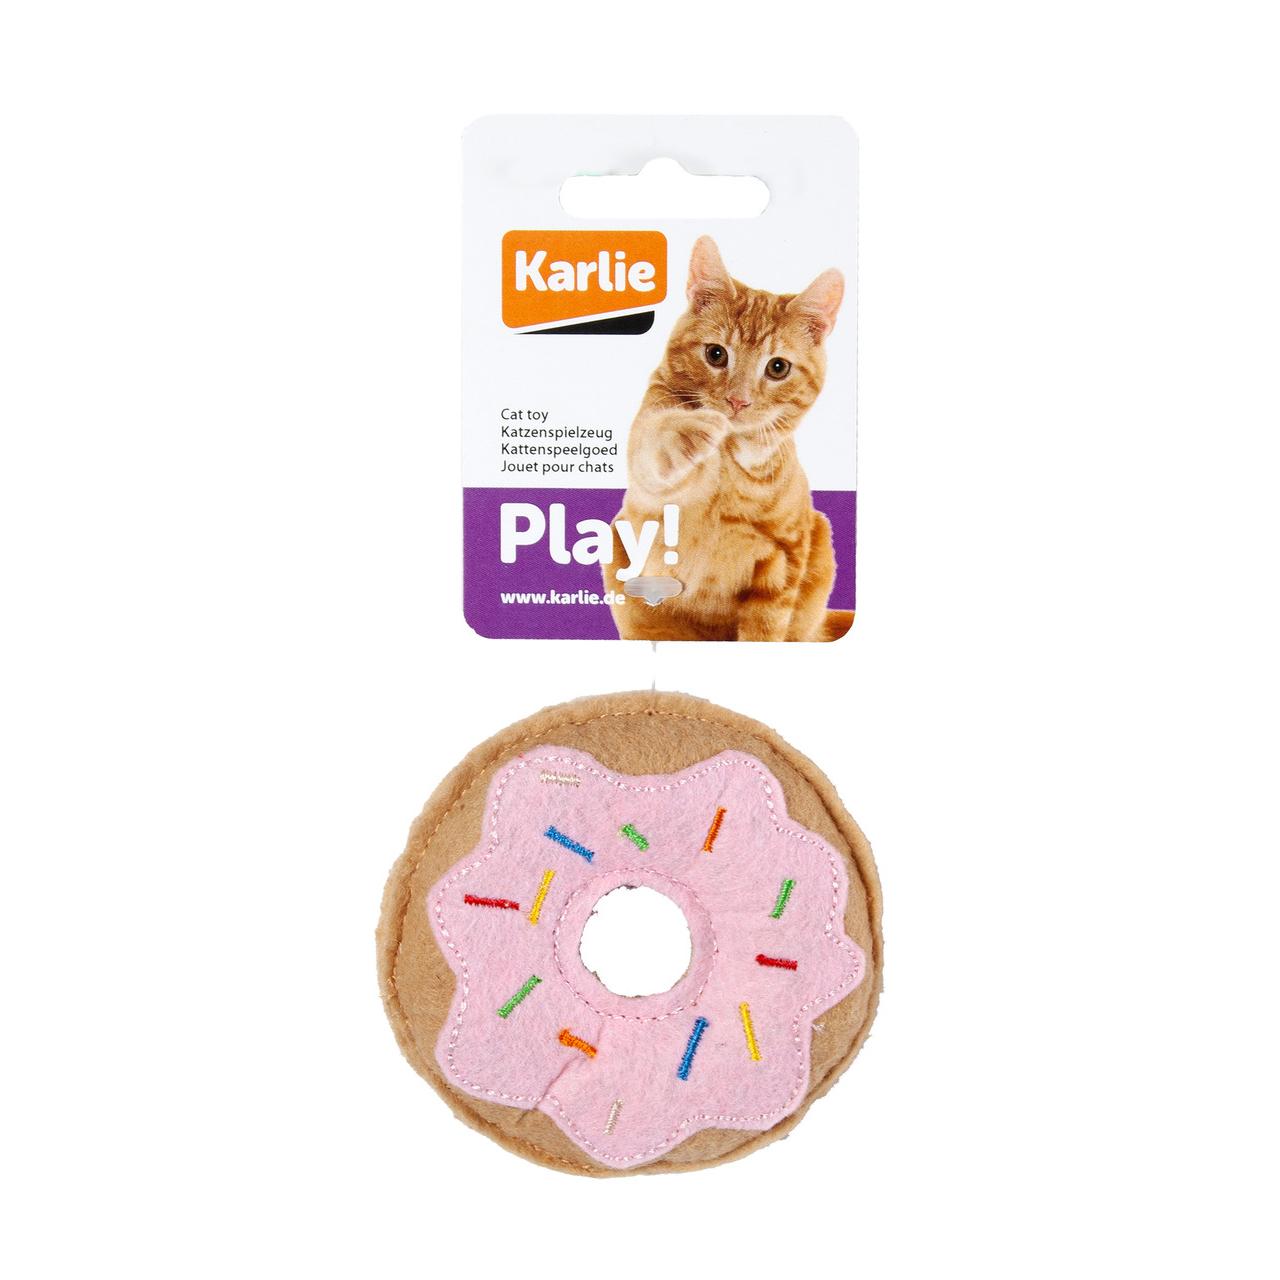 Karlie Katzenspielzeug aus Textil, Bild 9